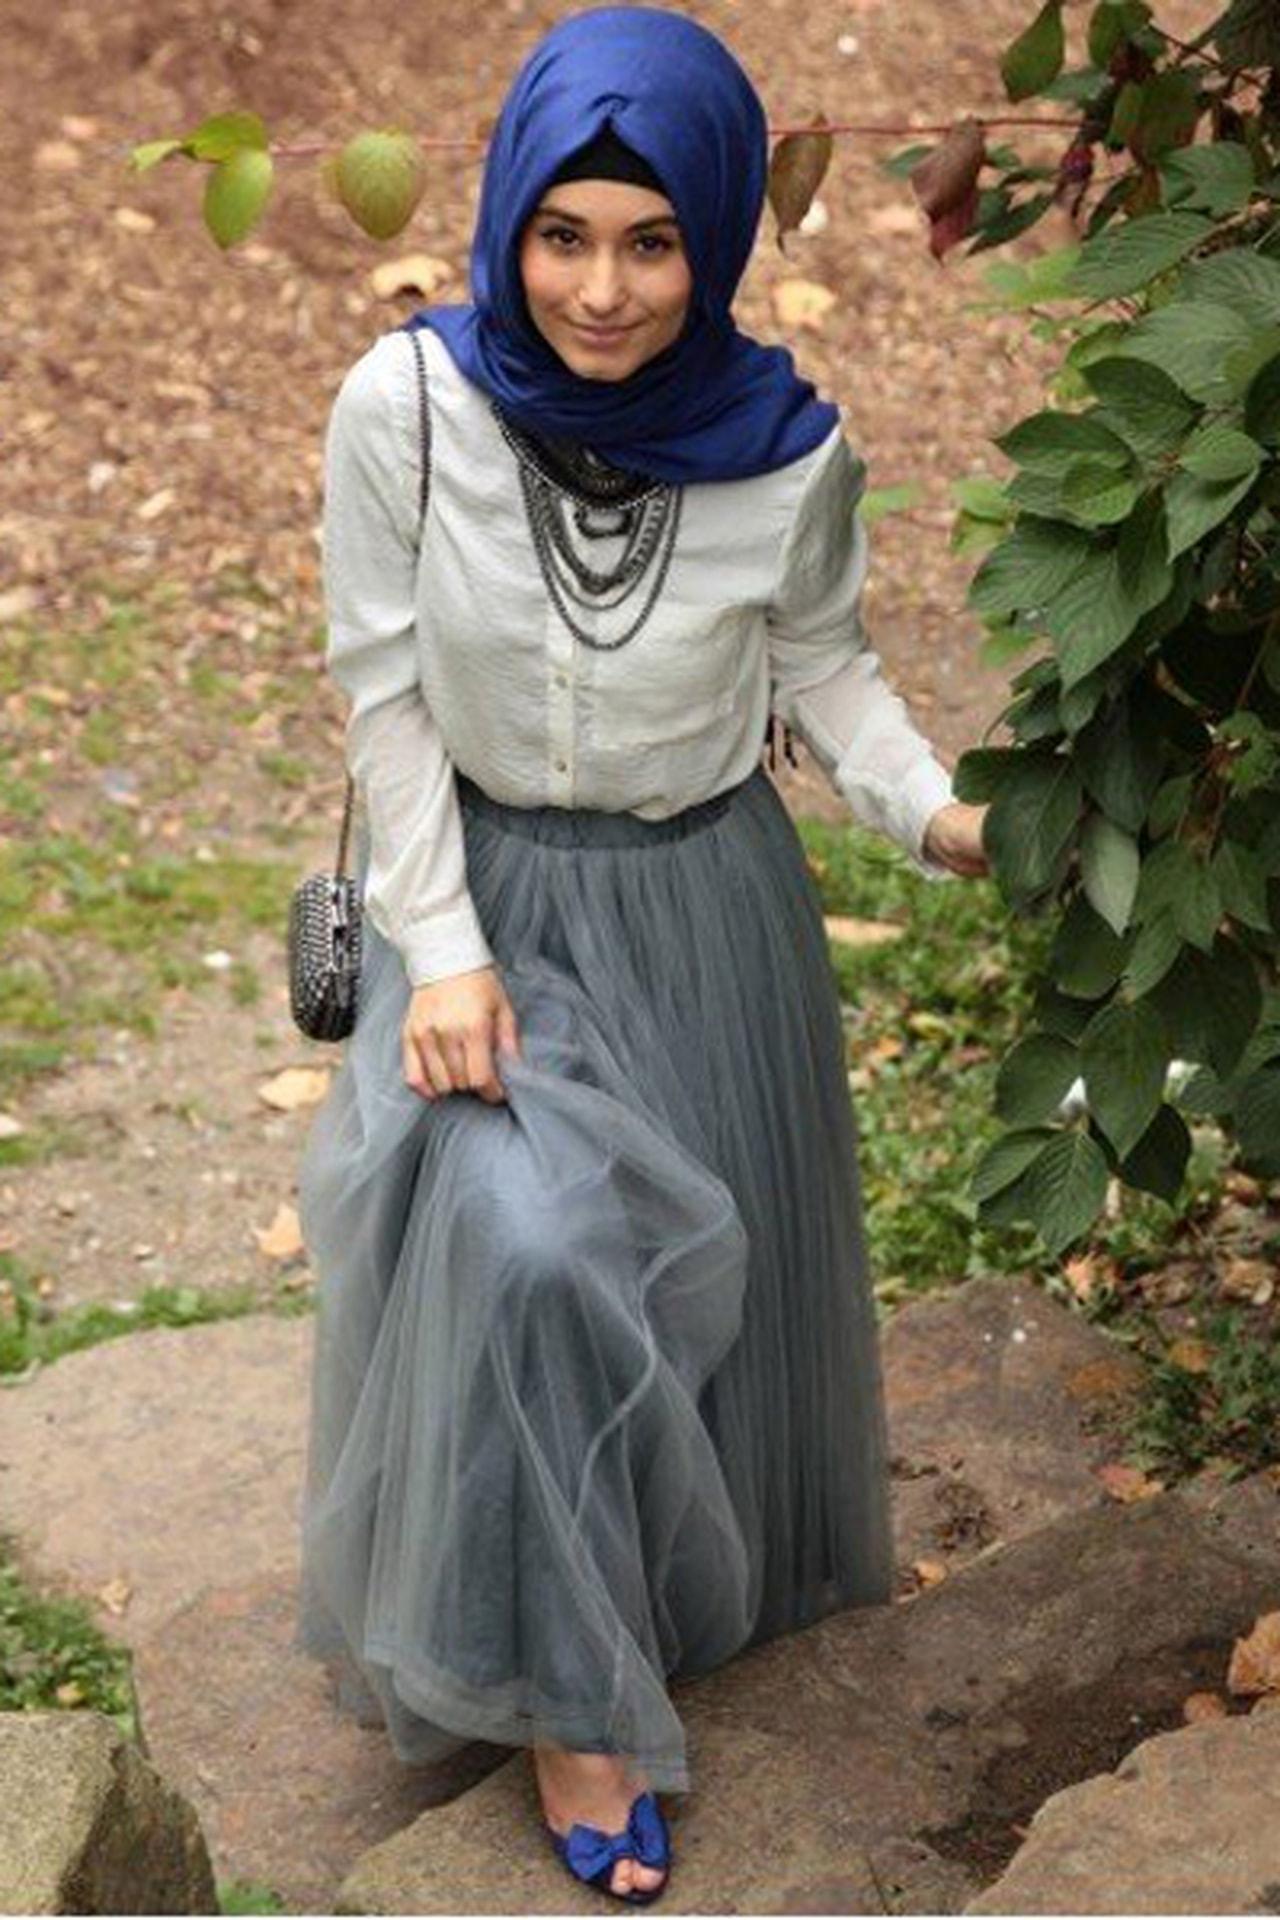 بالصور اشيك ملابس محجبات , اكتسبي اطلالة جذابة بحجابك 5109 10